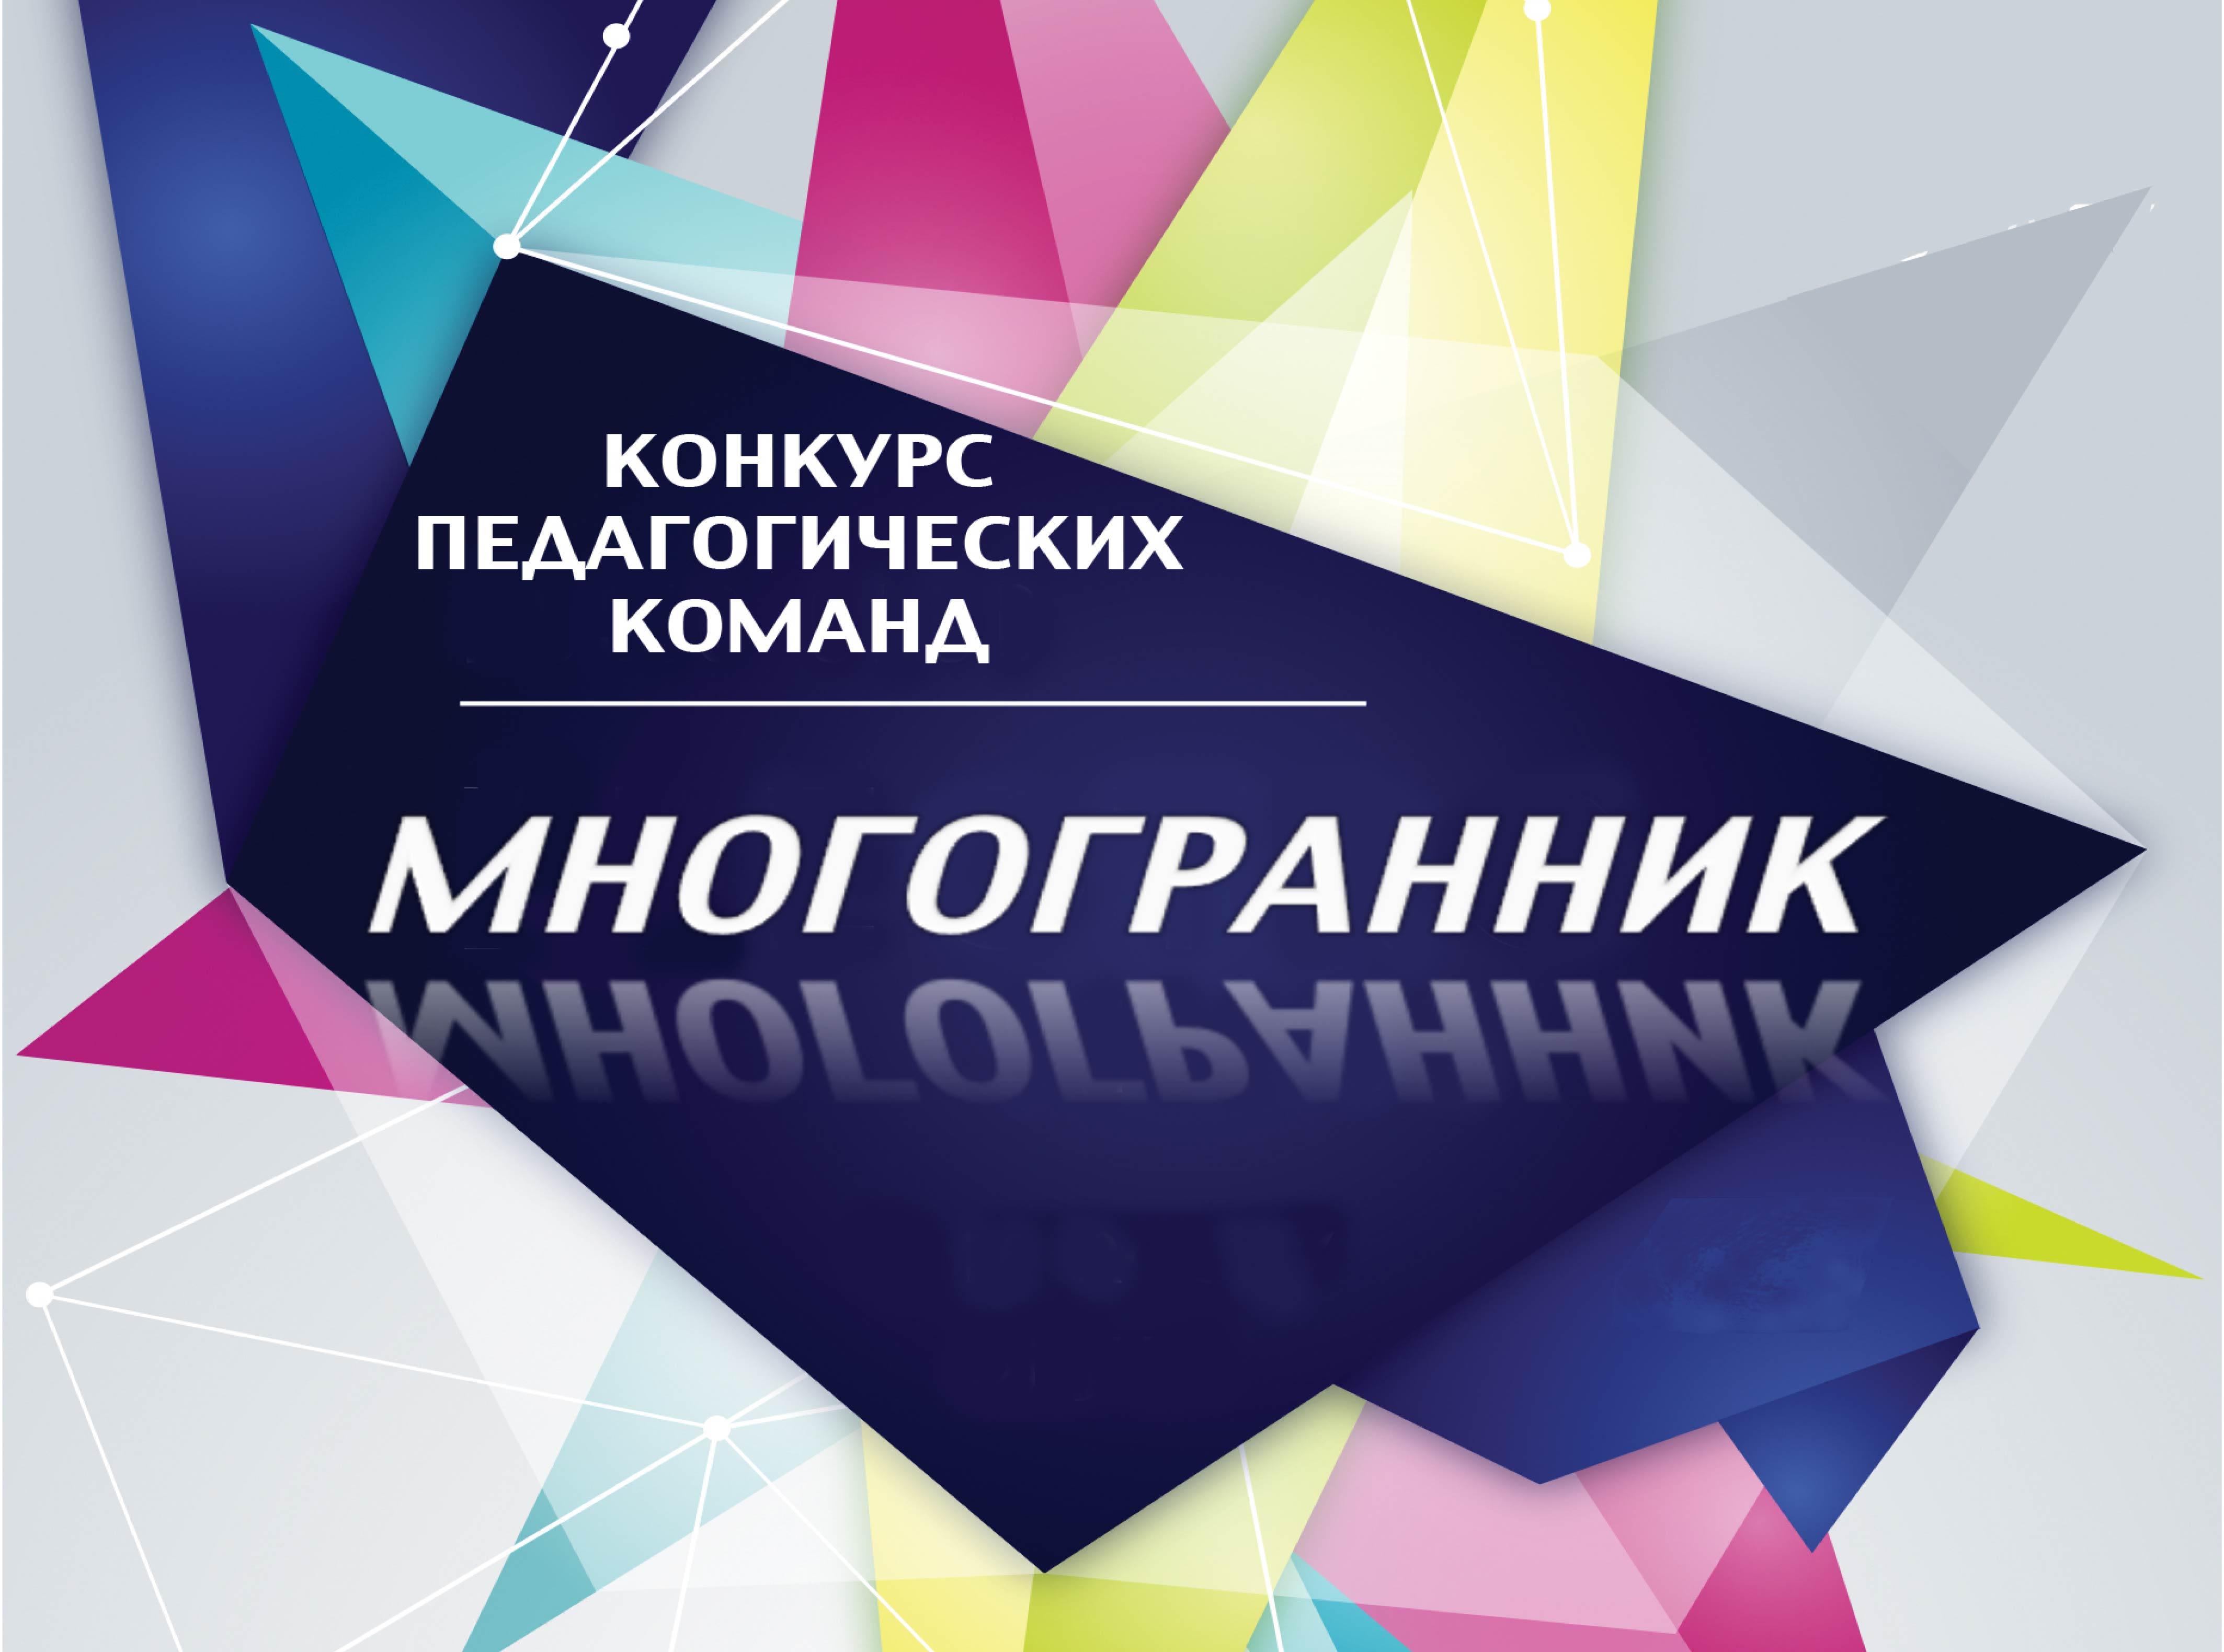 Приглашаем педагогов кучастию вконкурсе «Многогранник»!